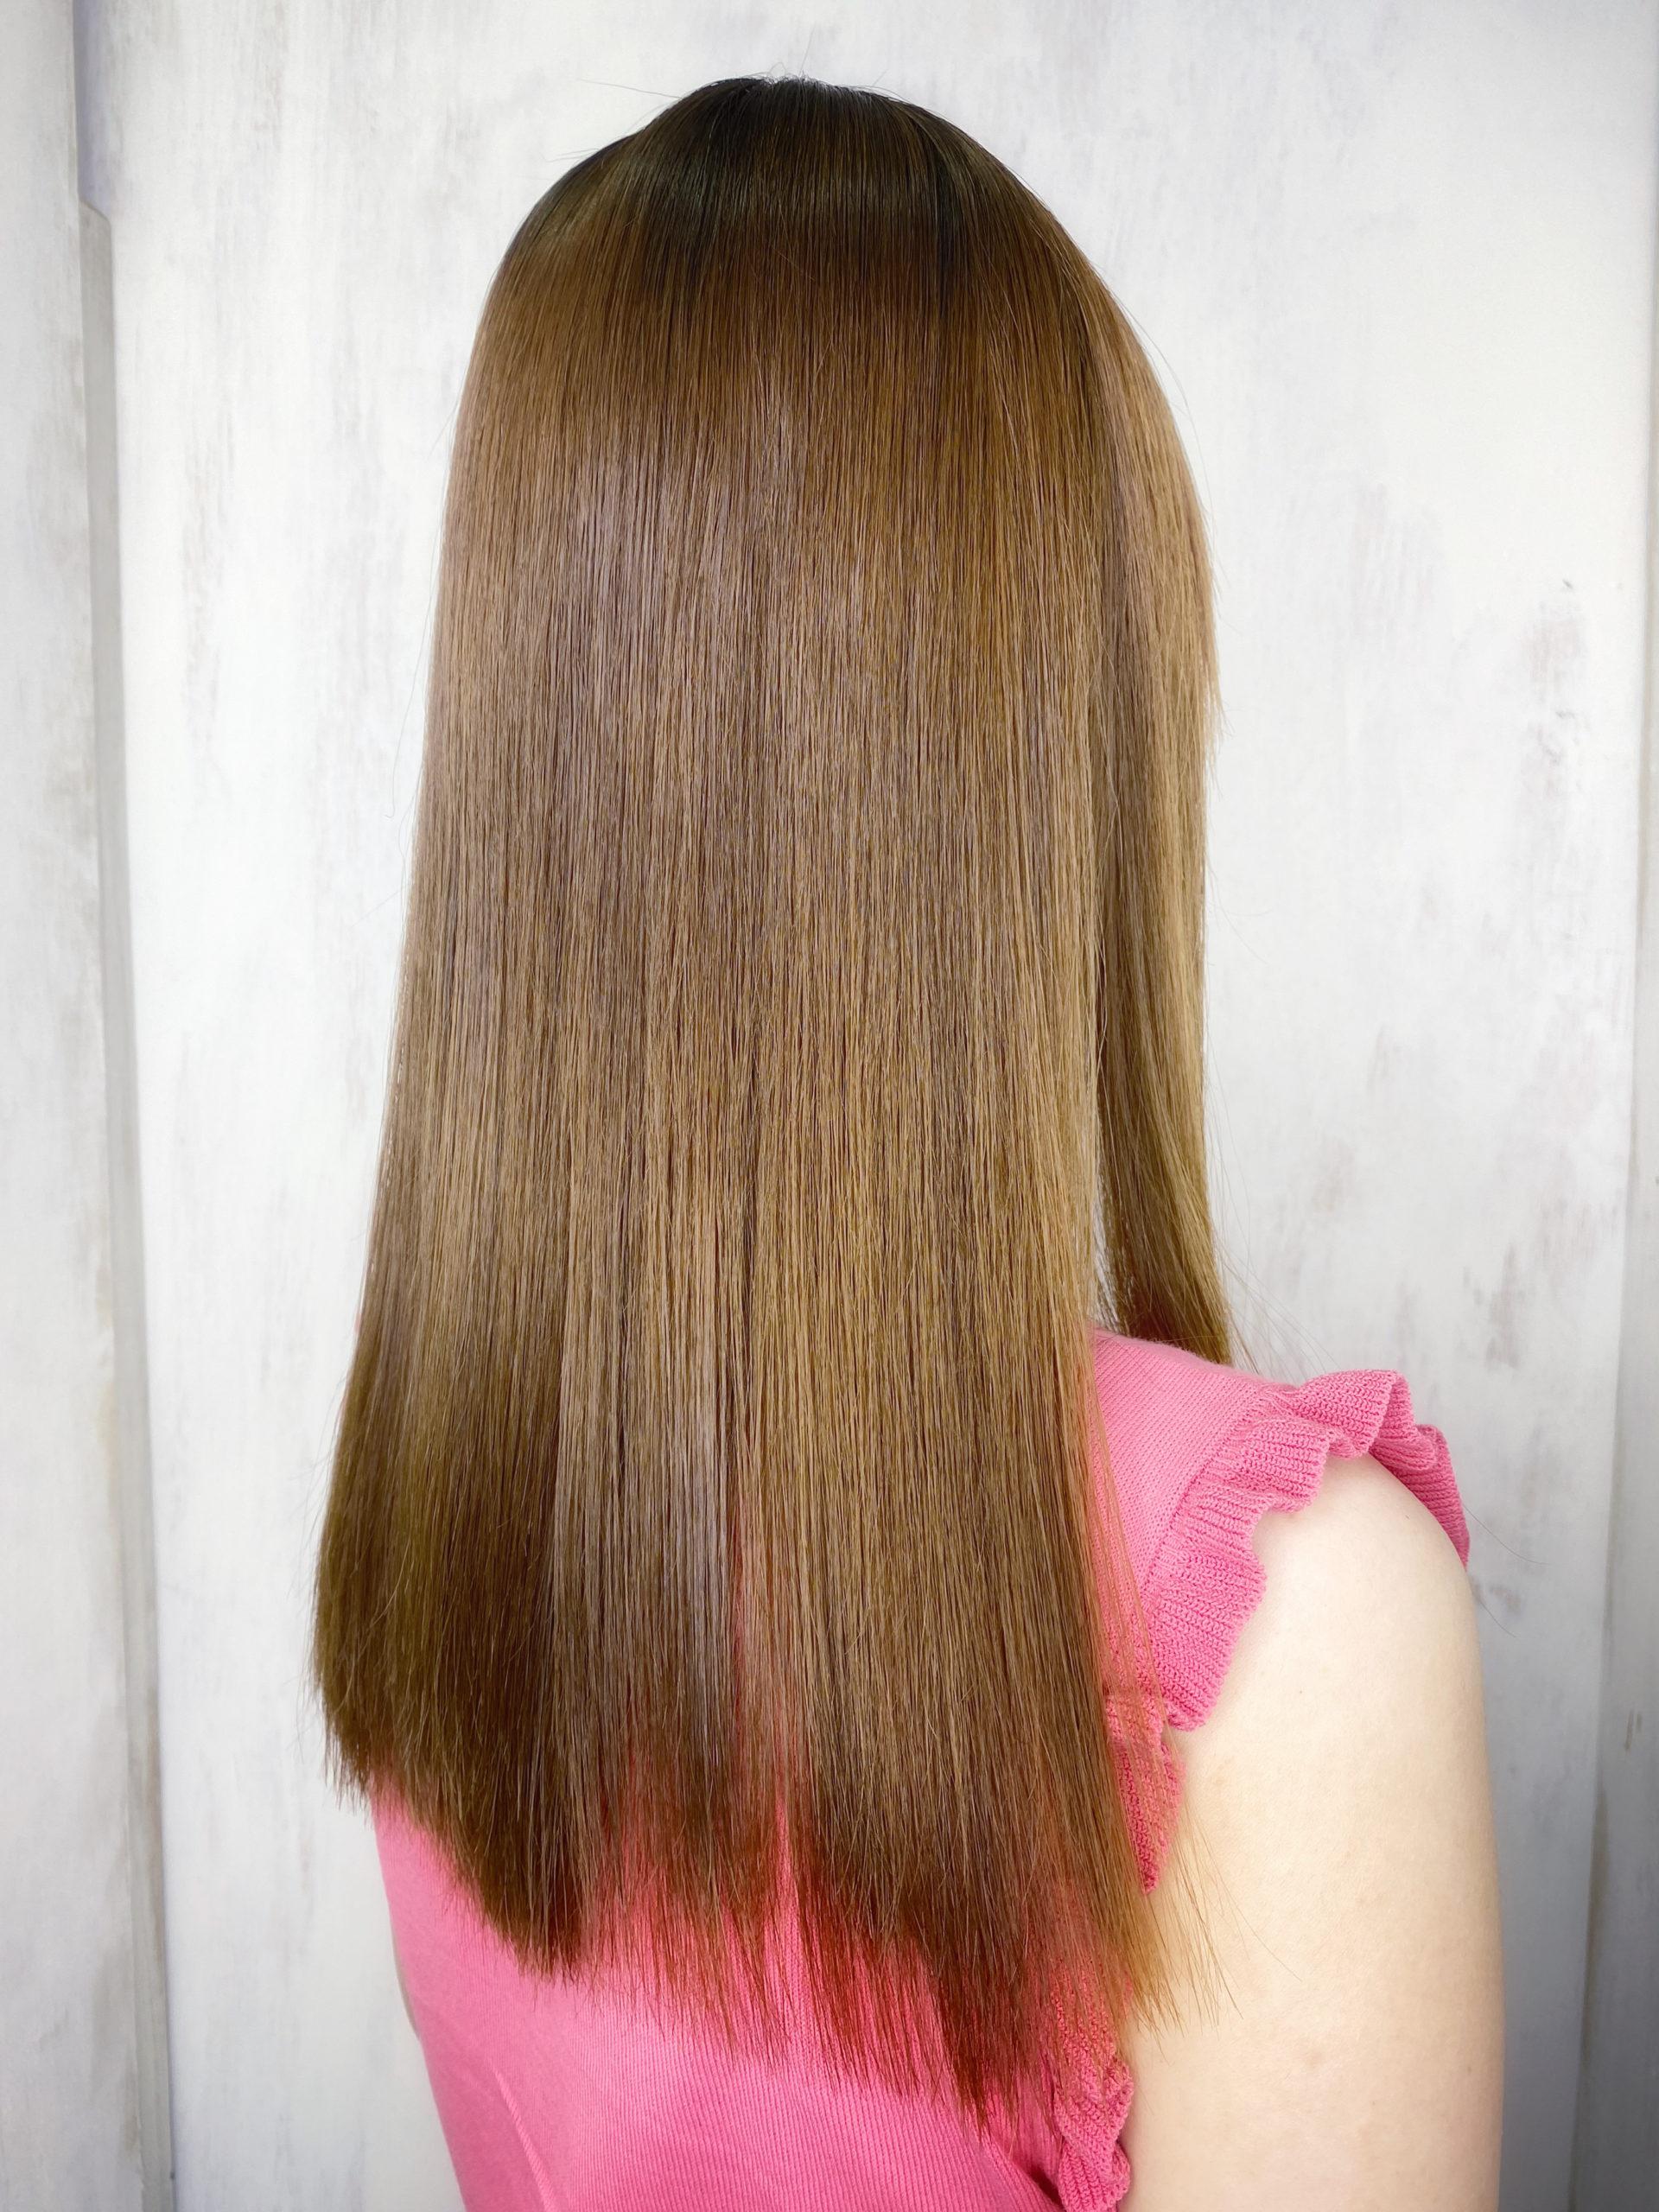 ブリーチ毛の方をジュエリーシステム×LULUトリートメント×縮毛矯正で艶髪。原宿・表参道『髪のお悩みを解決するヘアケア美容師の挑戦』